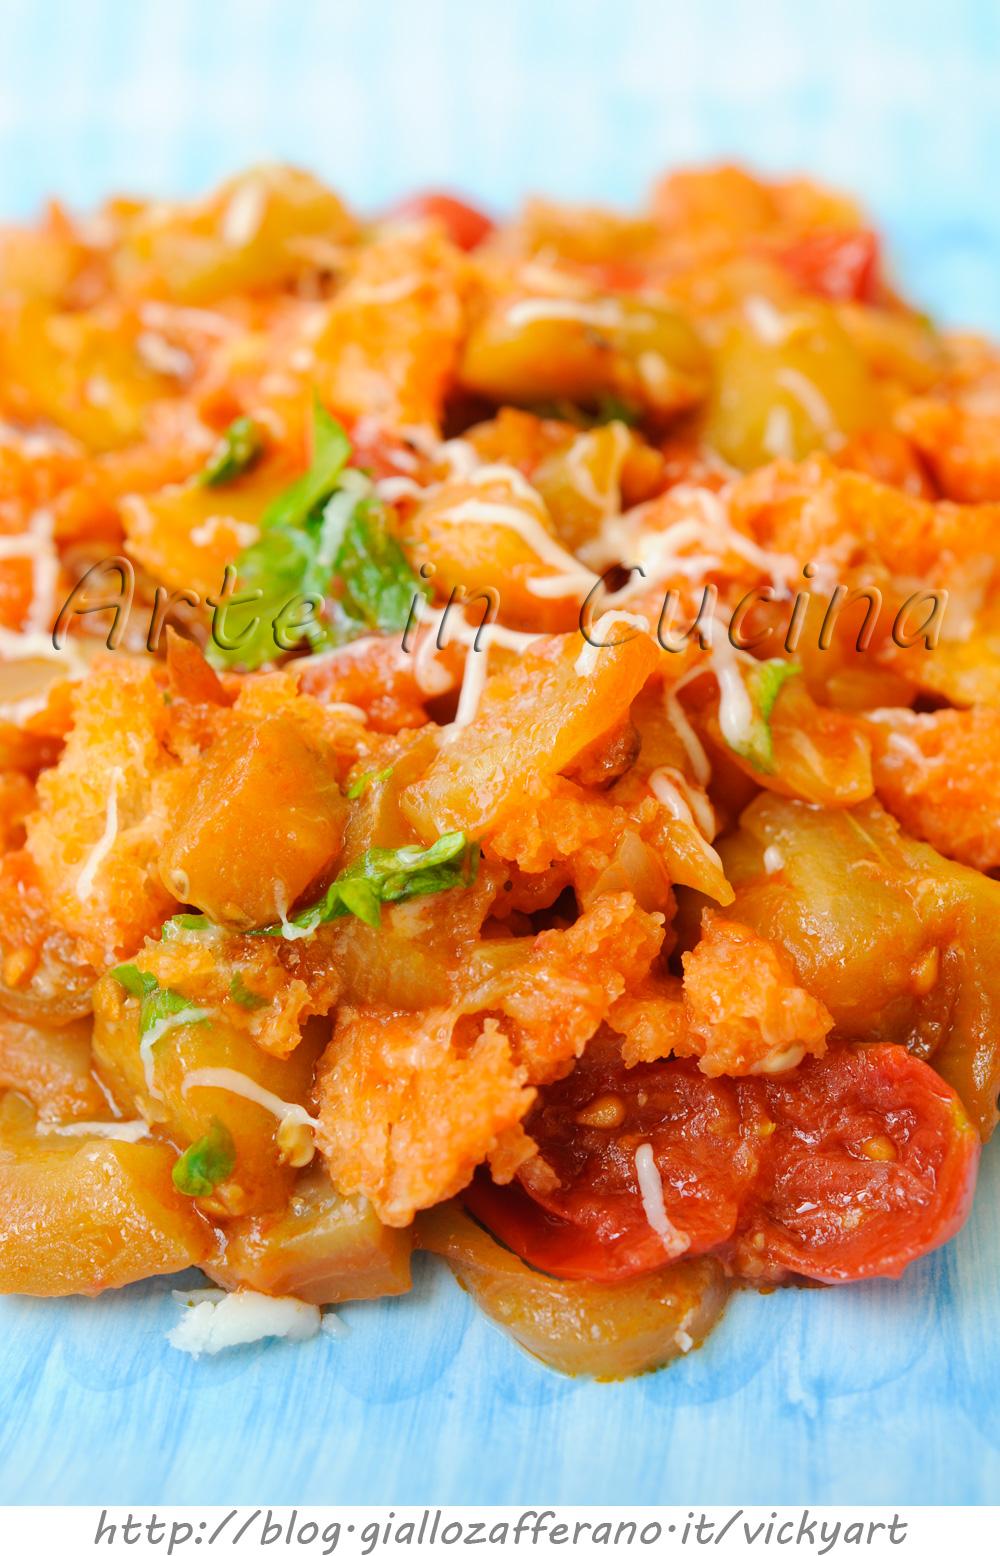 Melanzane con mollica ricetta calabrese vickyart arte in cucina